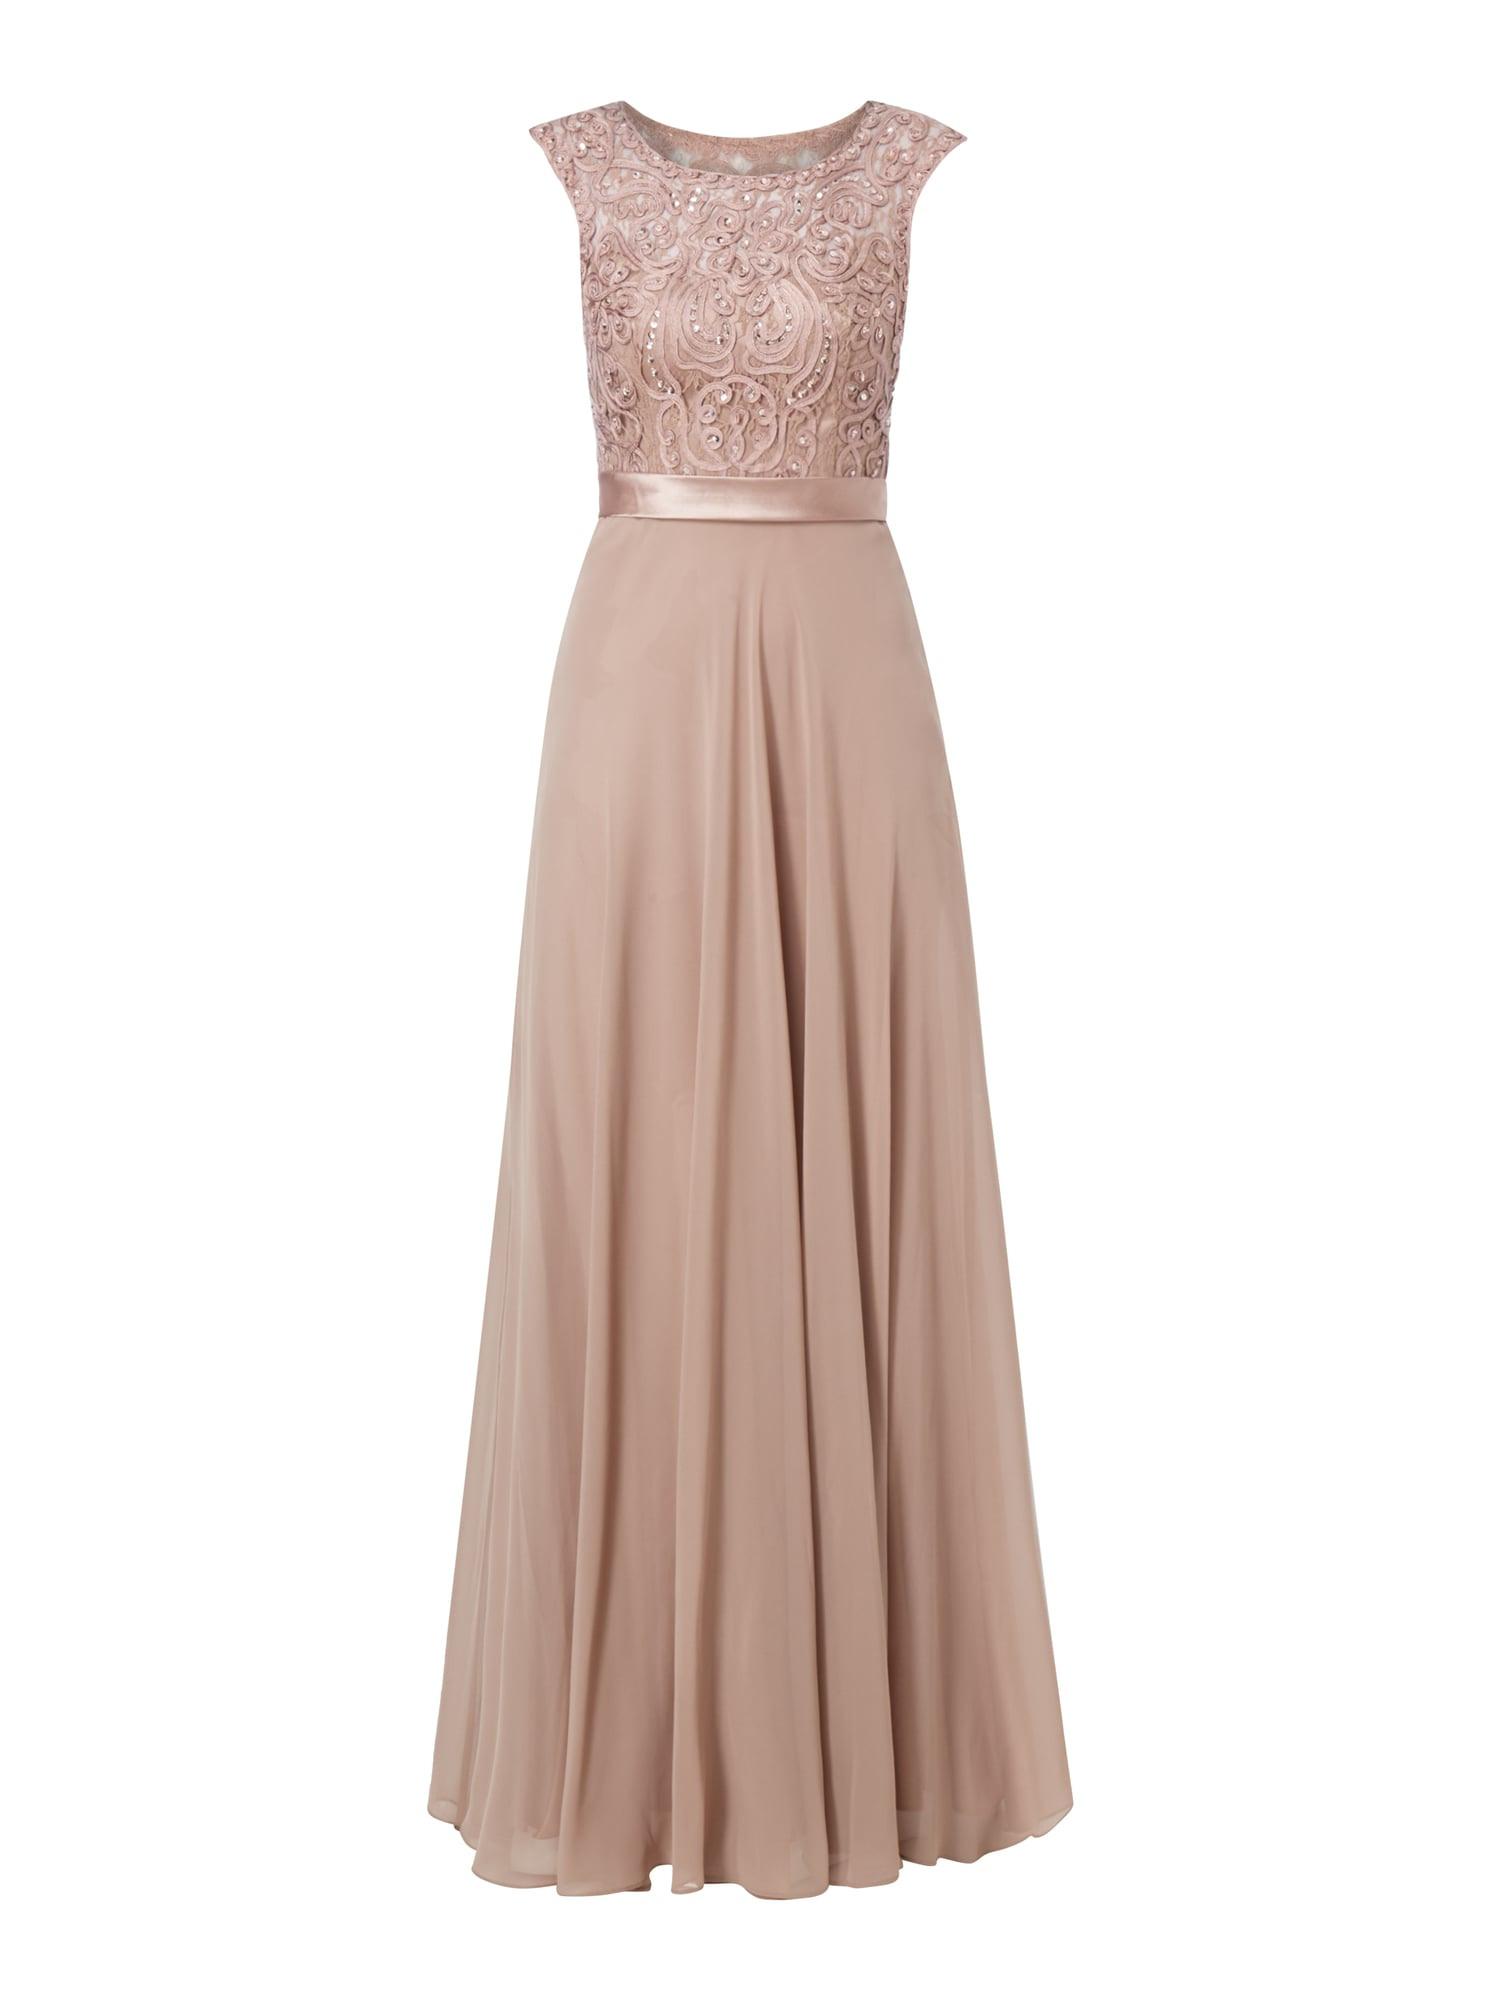 Erstaunlich P&C Abendkleider Niente Vertrieb13 Genial P&C Abendkleider Niente Stylish